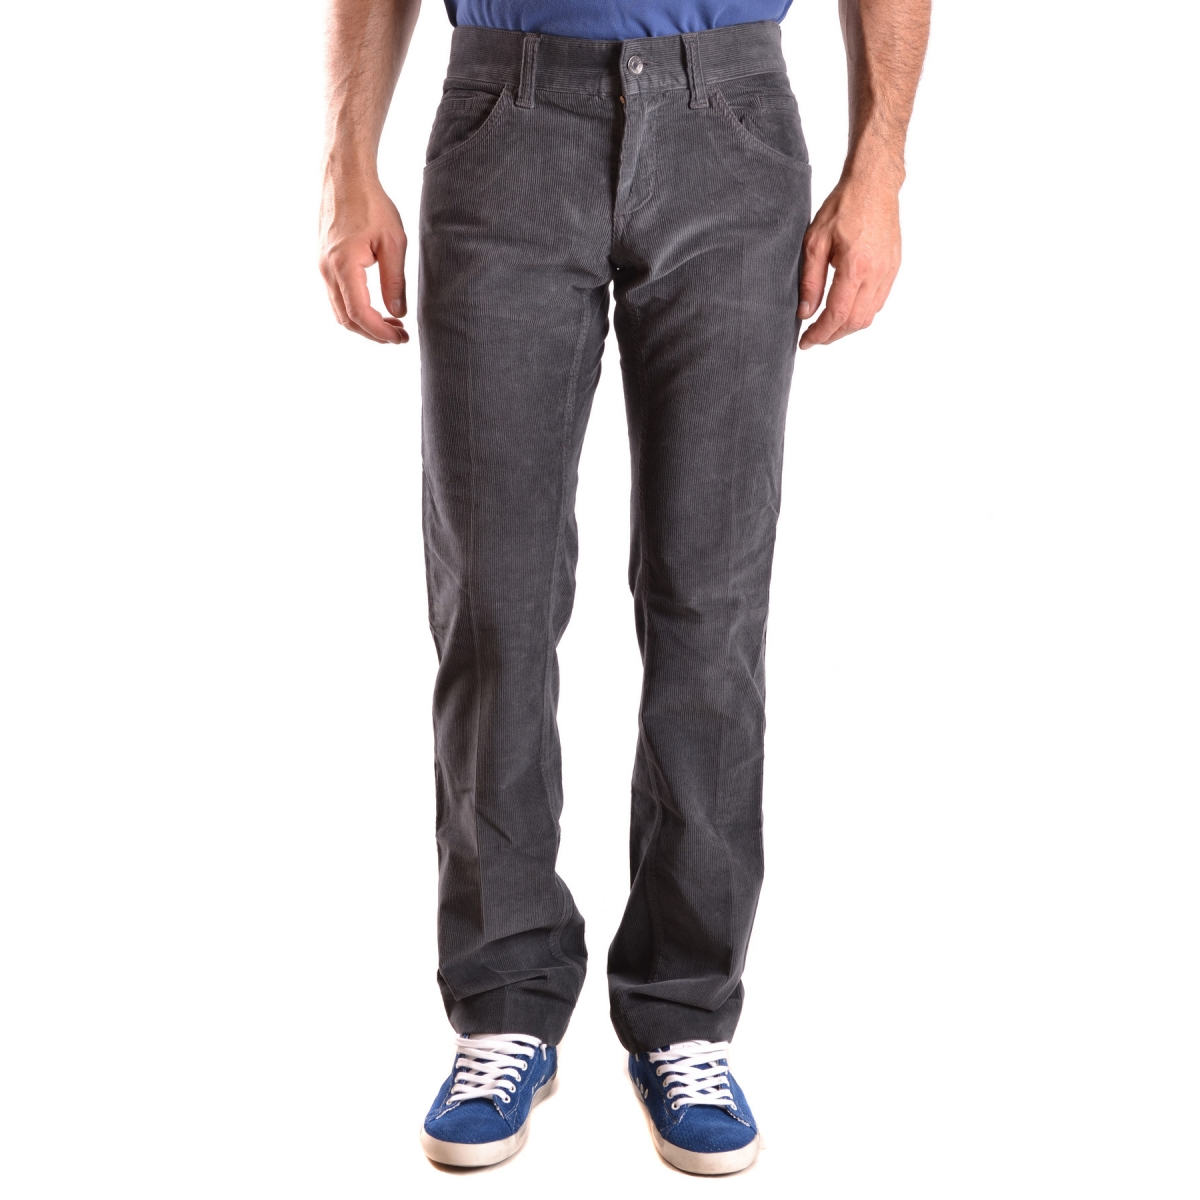 jeans dolce gabbana nn2672 outlet bicocca. Black Bedroom Furniture Sets. Home Design Ideas